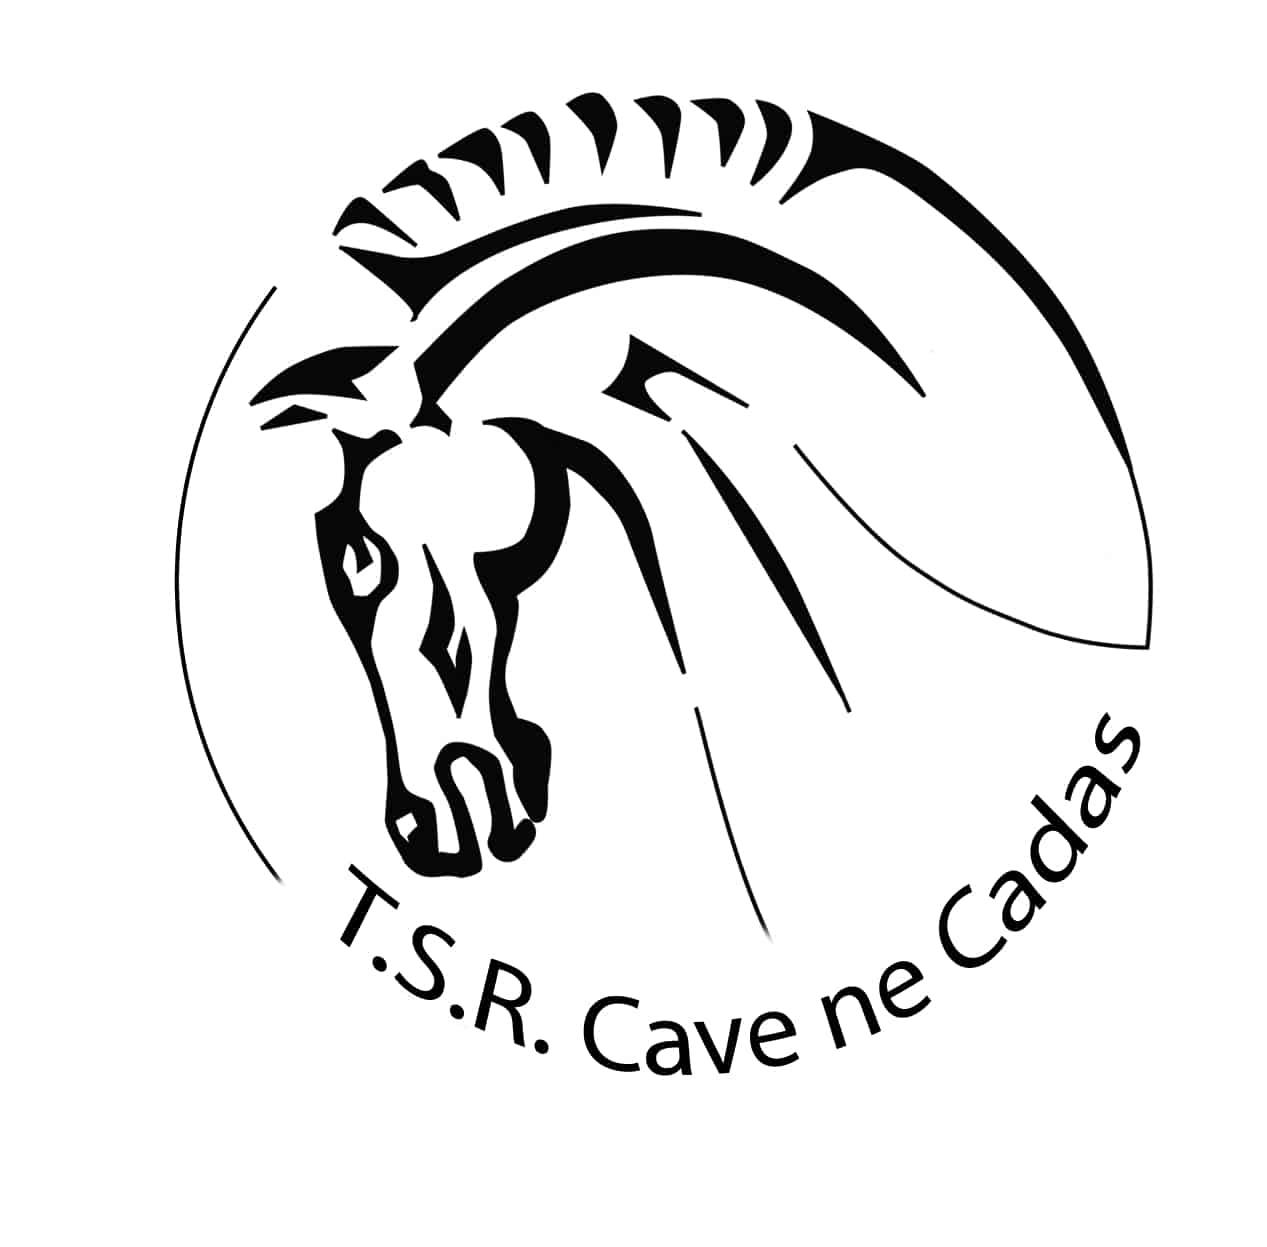 T.S.R. Cave ne Cadas